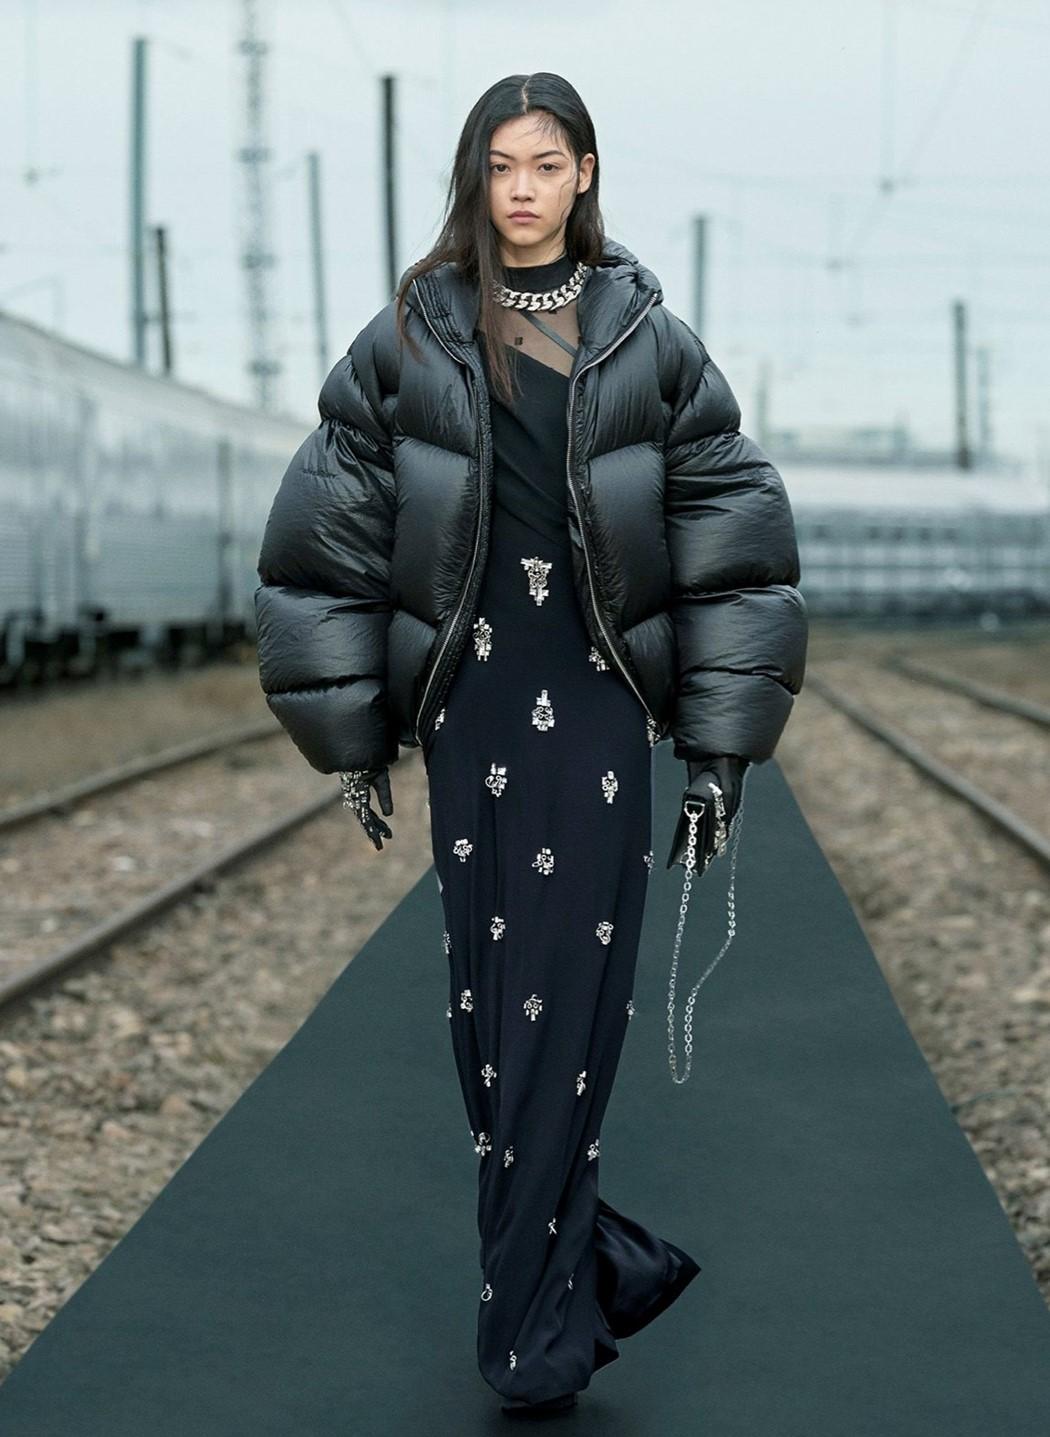 Givenchy đã thực hiện thành công phong cách punk và thành thị qua sự chỉ đạo của Williams